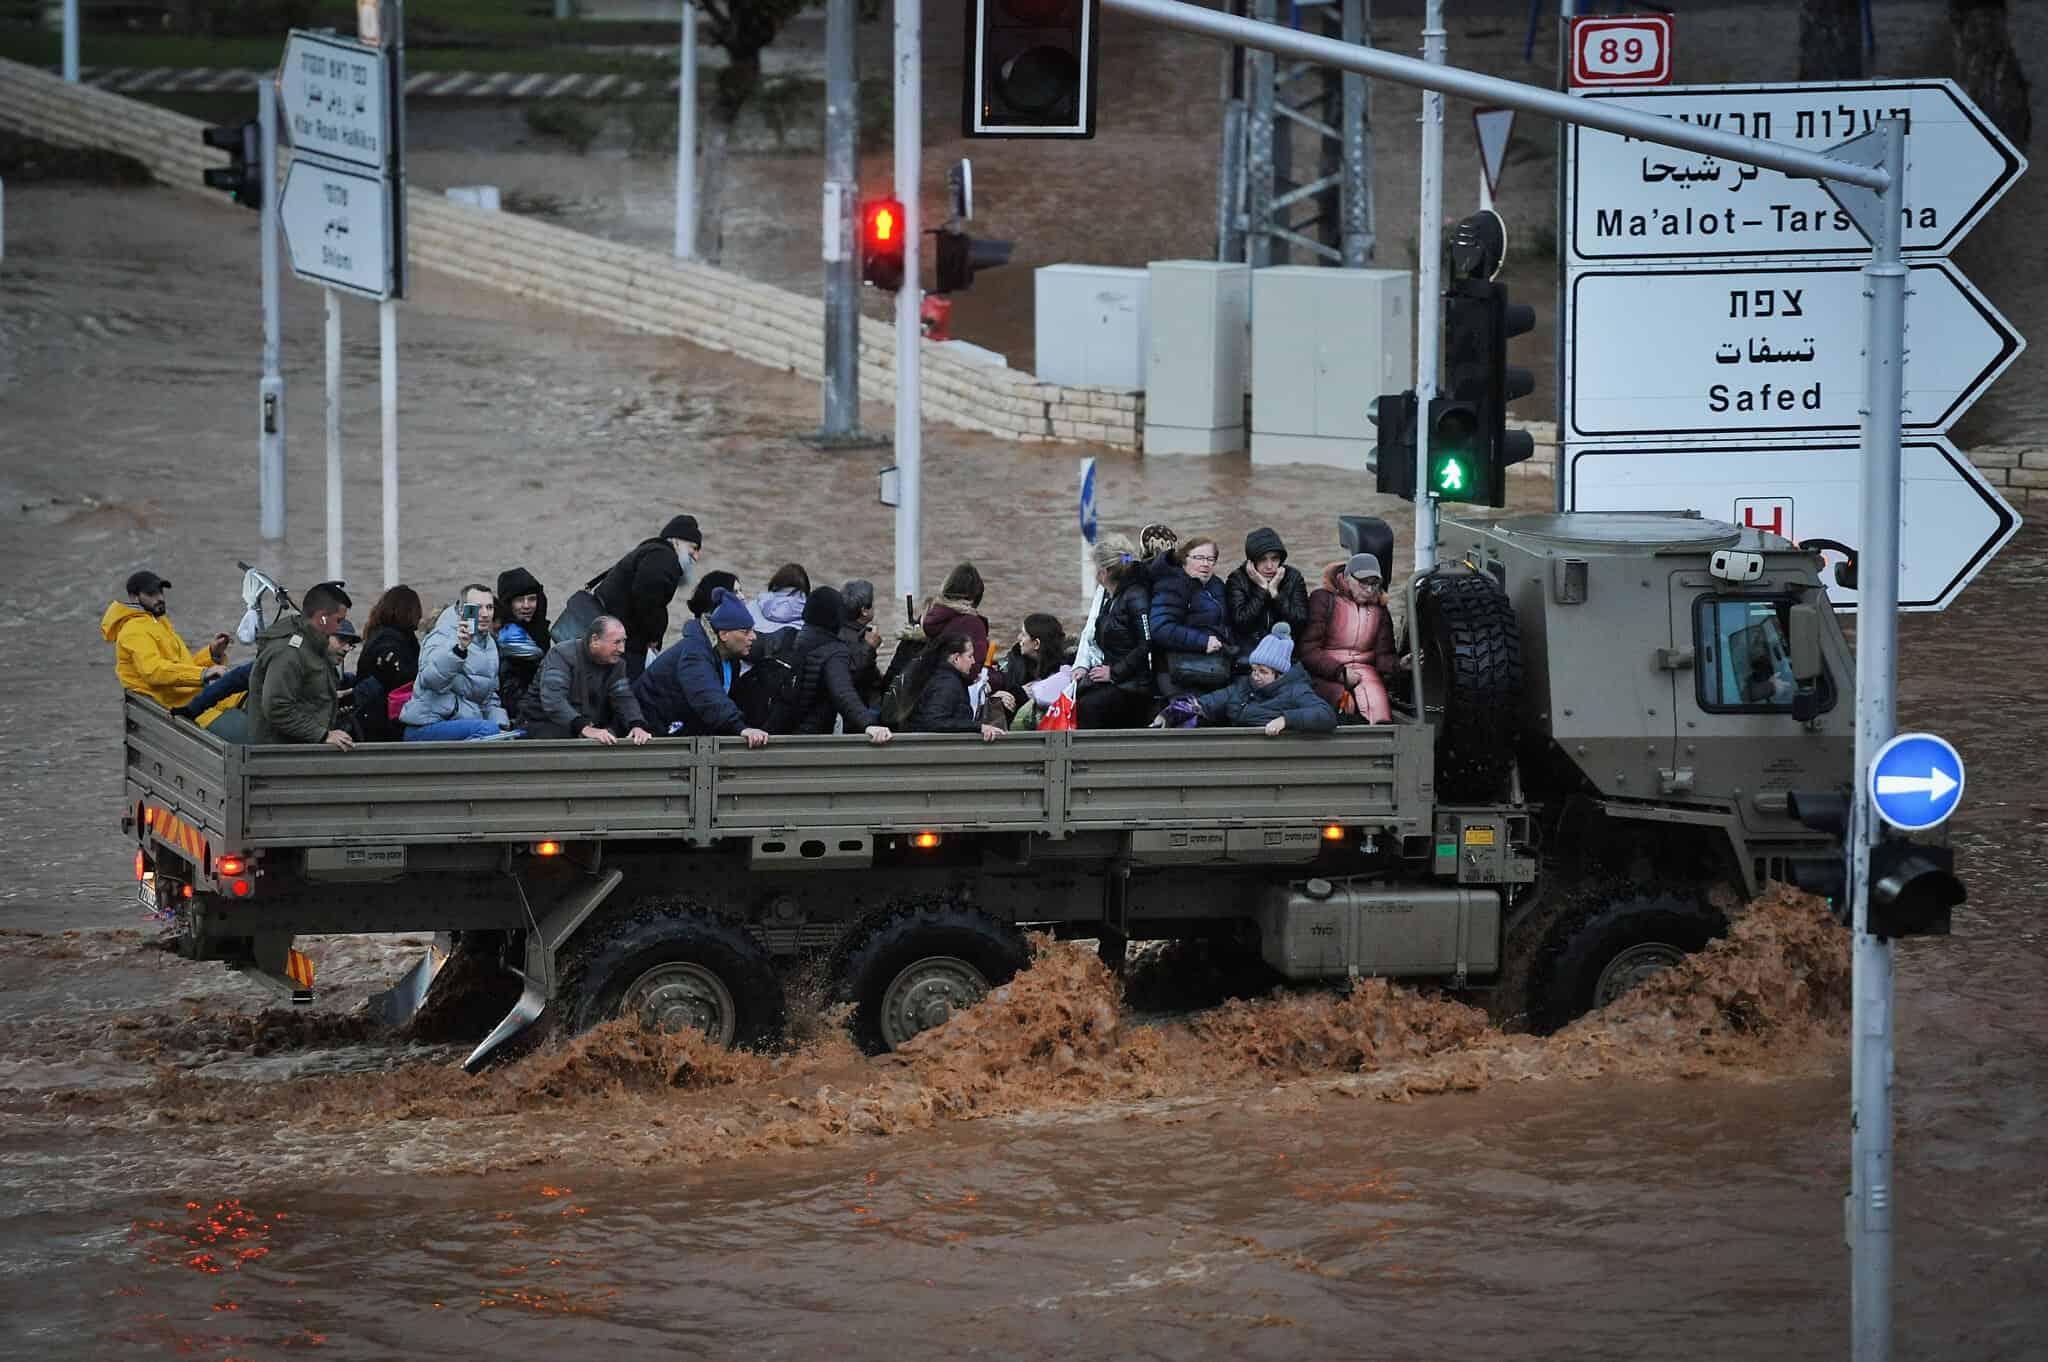 משאית צבאית מפנה תושבים מנהריה בגלל ההצפות. ינואר 2020 (צילום: Meir Vaknin/Flash90)